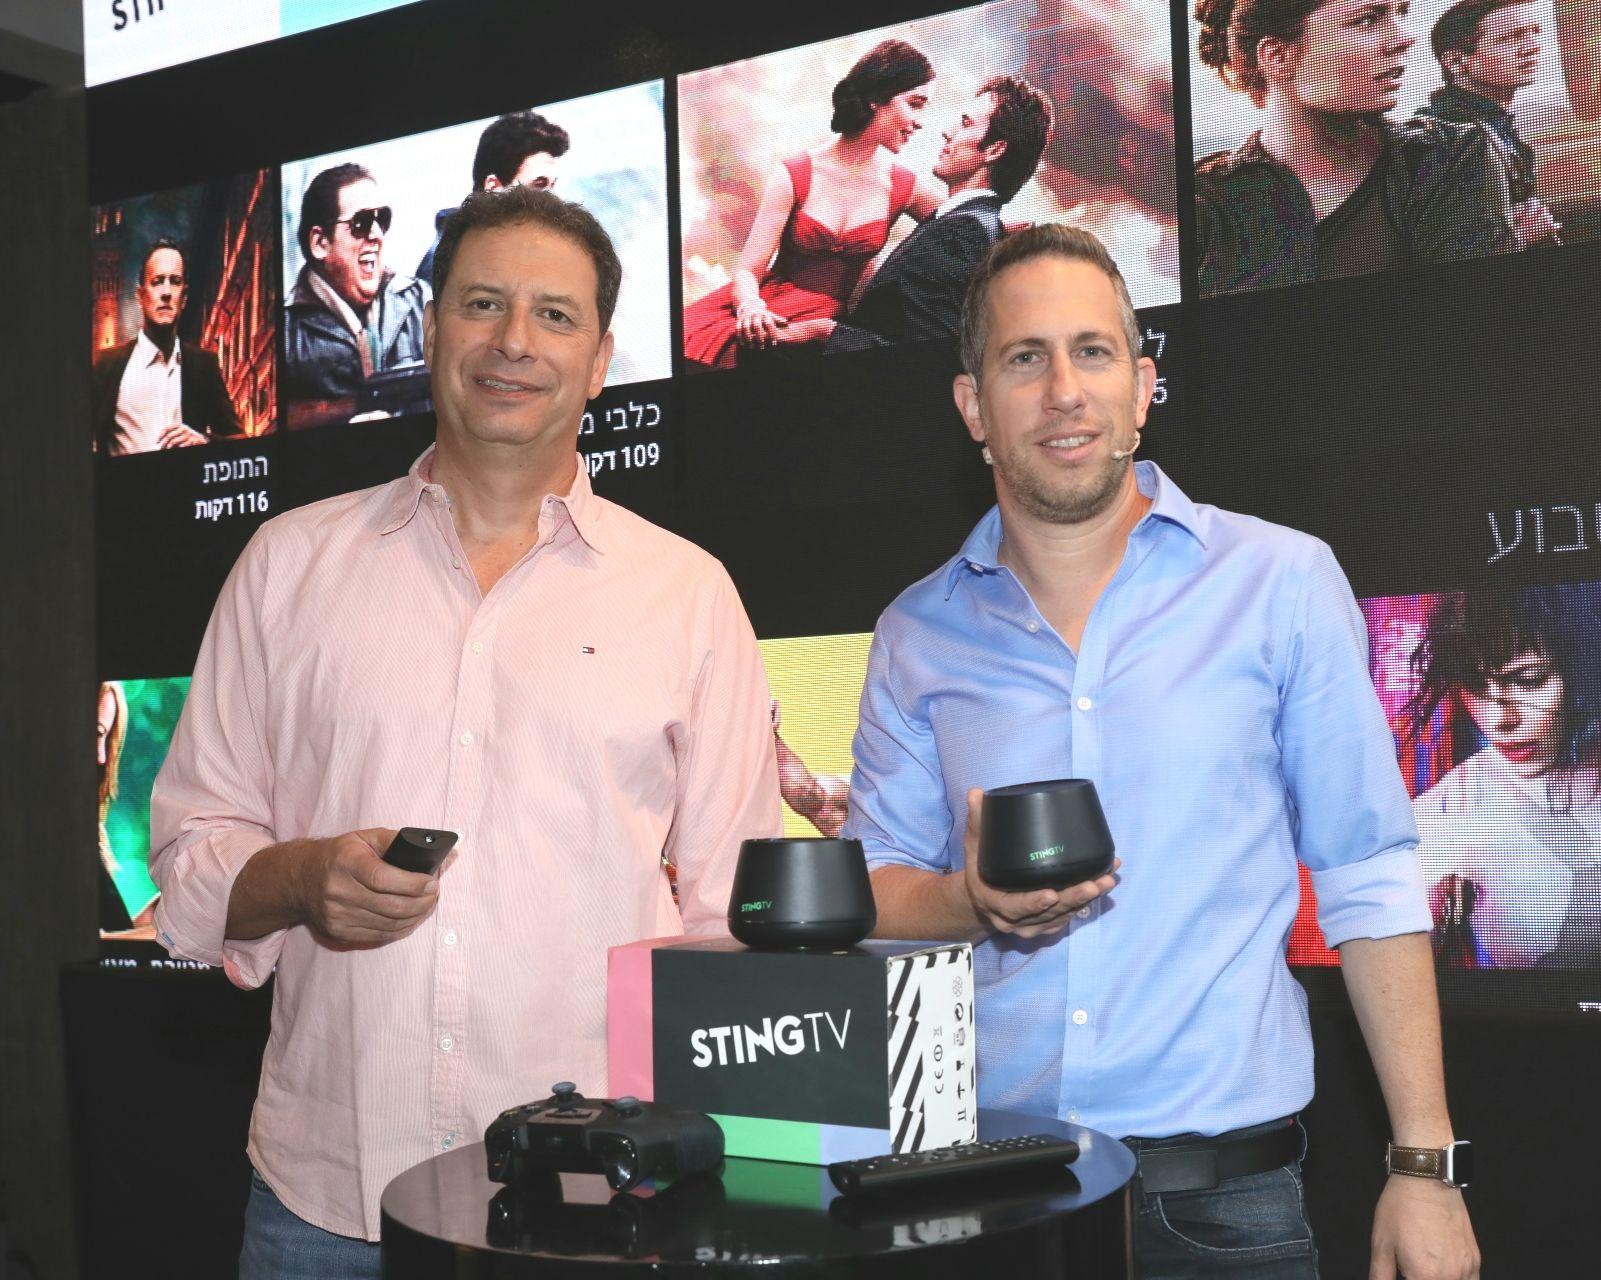 משיקים את שירות סטינג TV (באדיבות STINGTV, רפי דלויה)